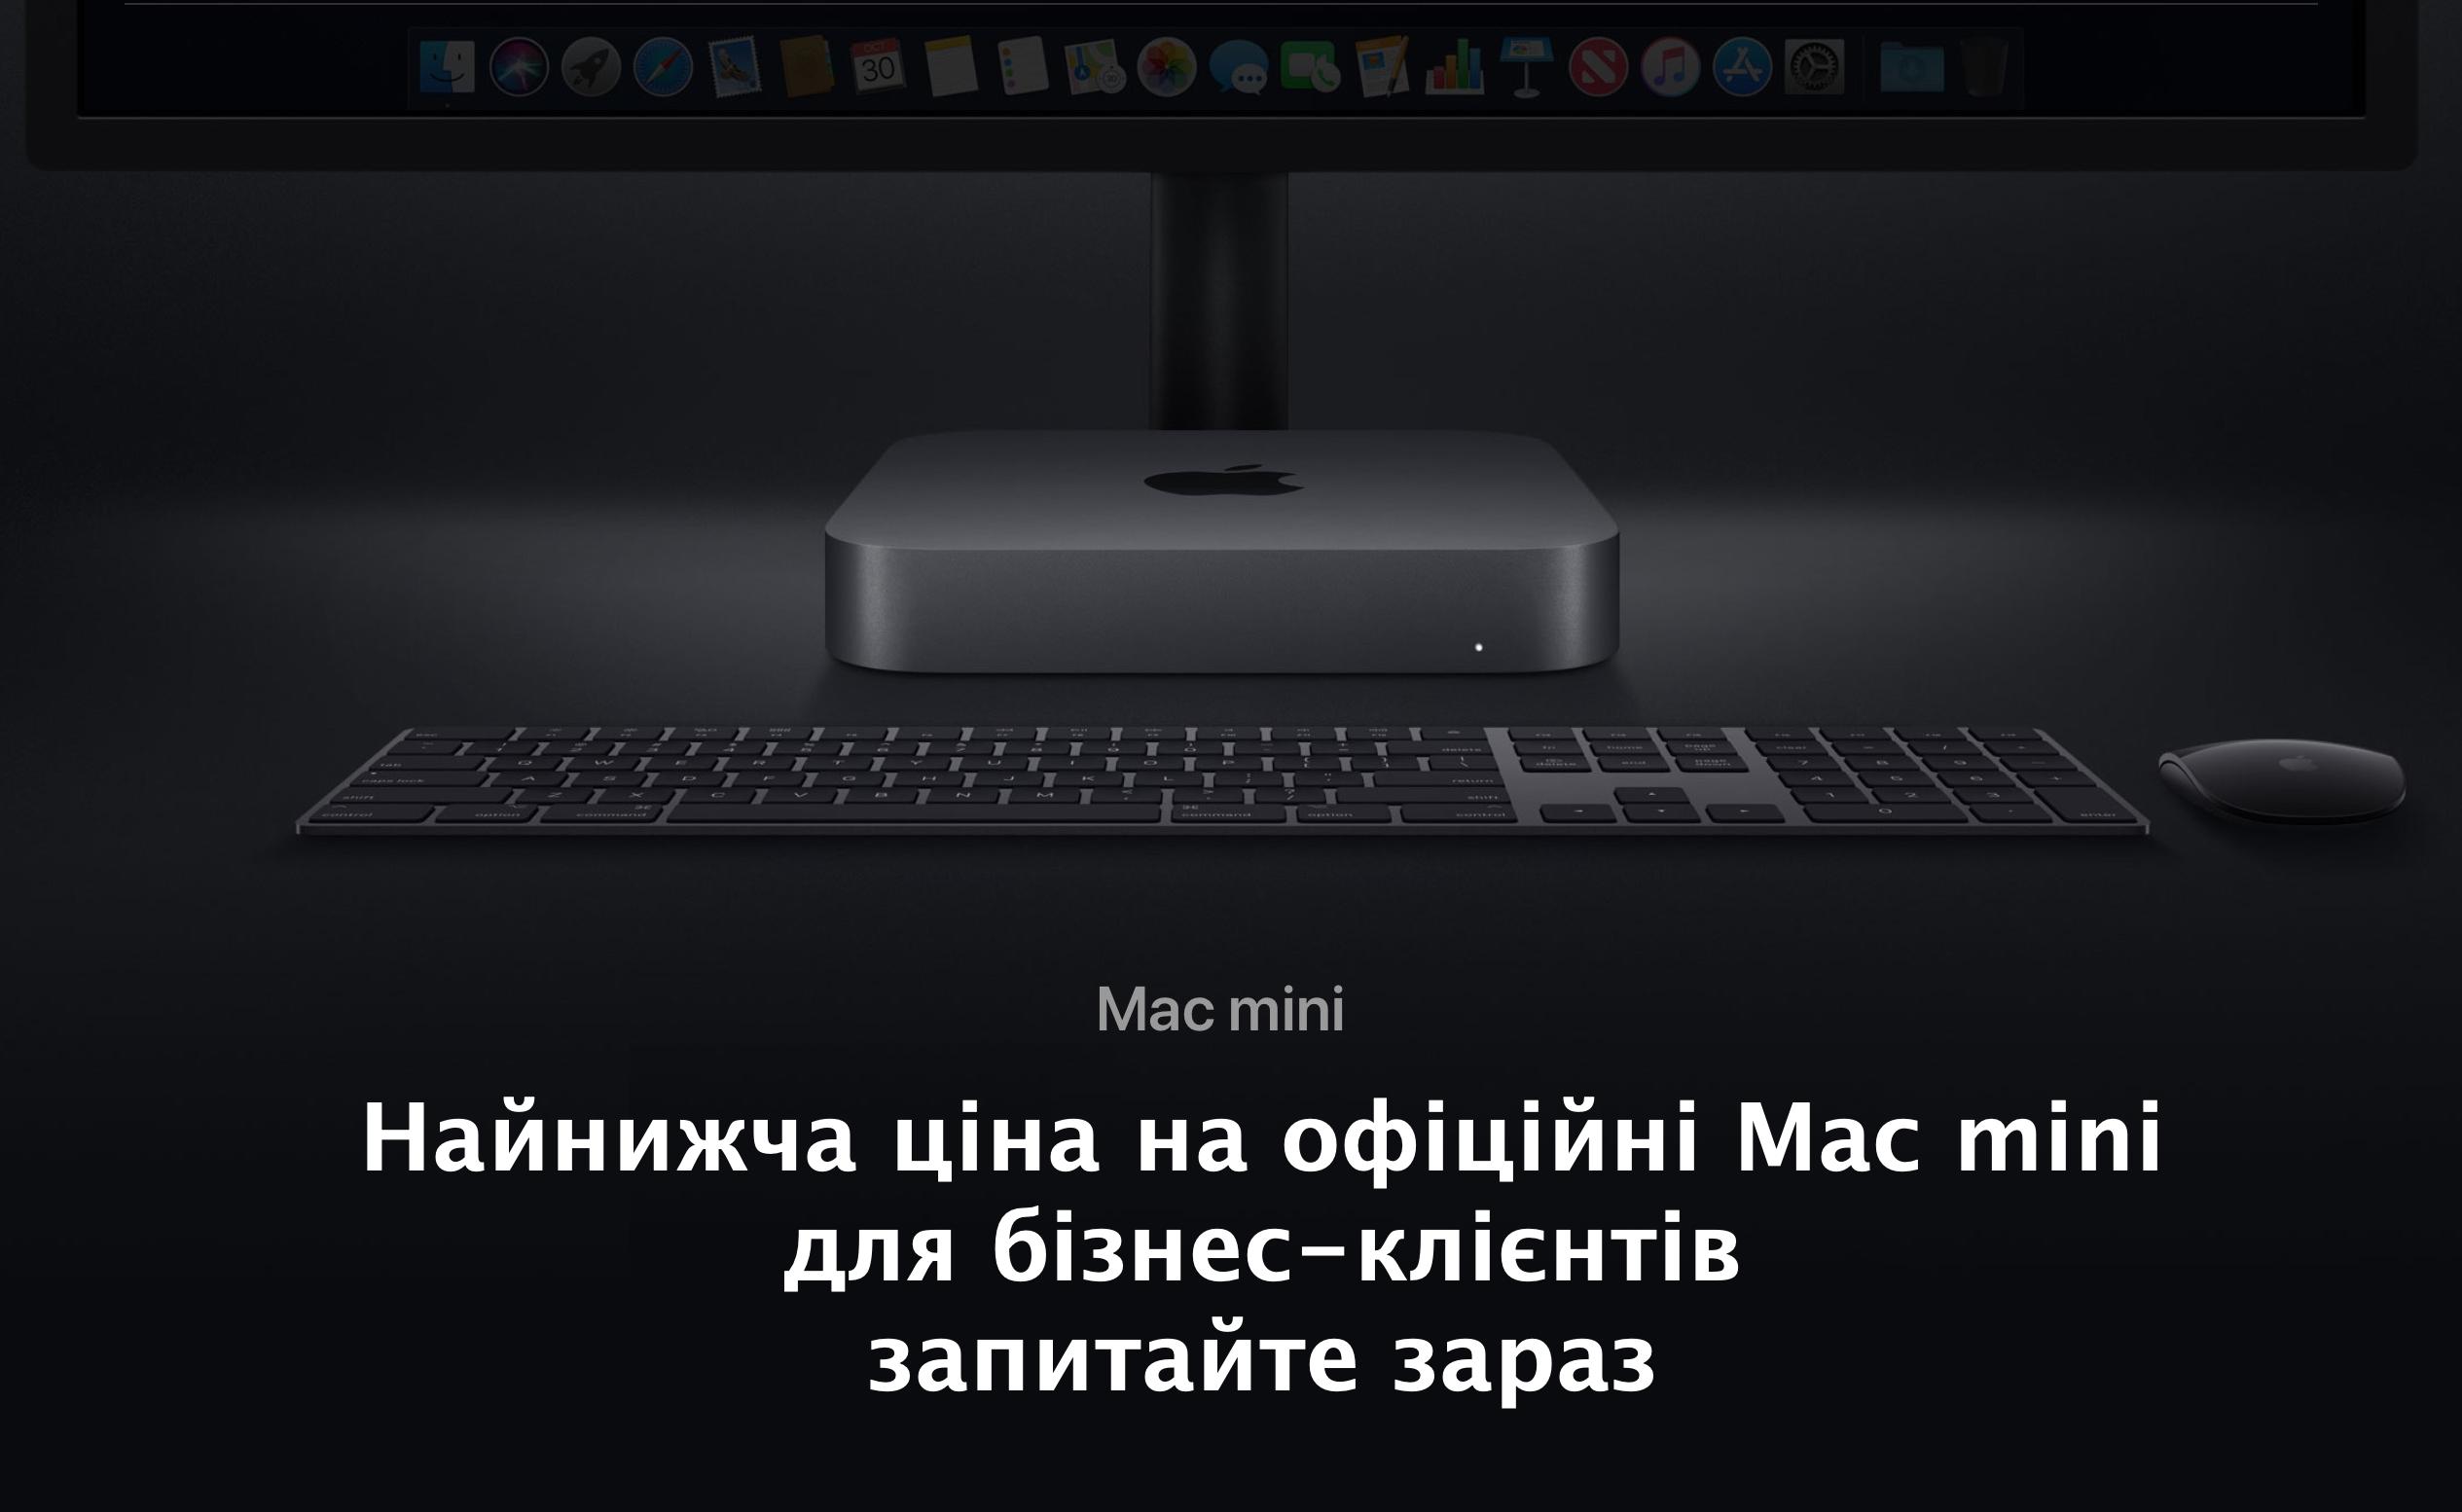 Mac mini в iLand